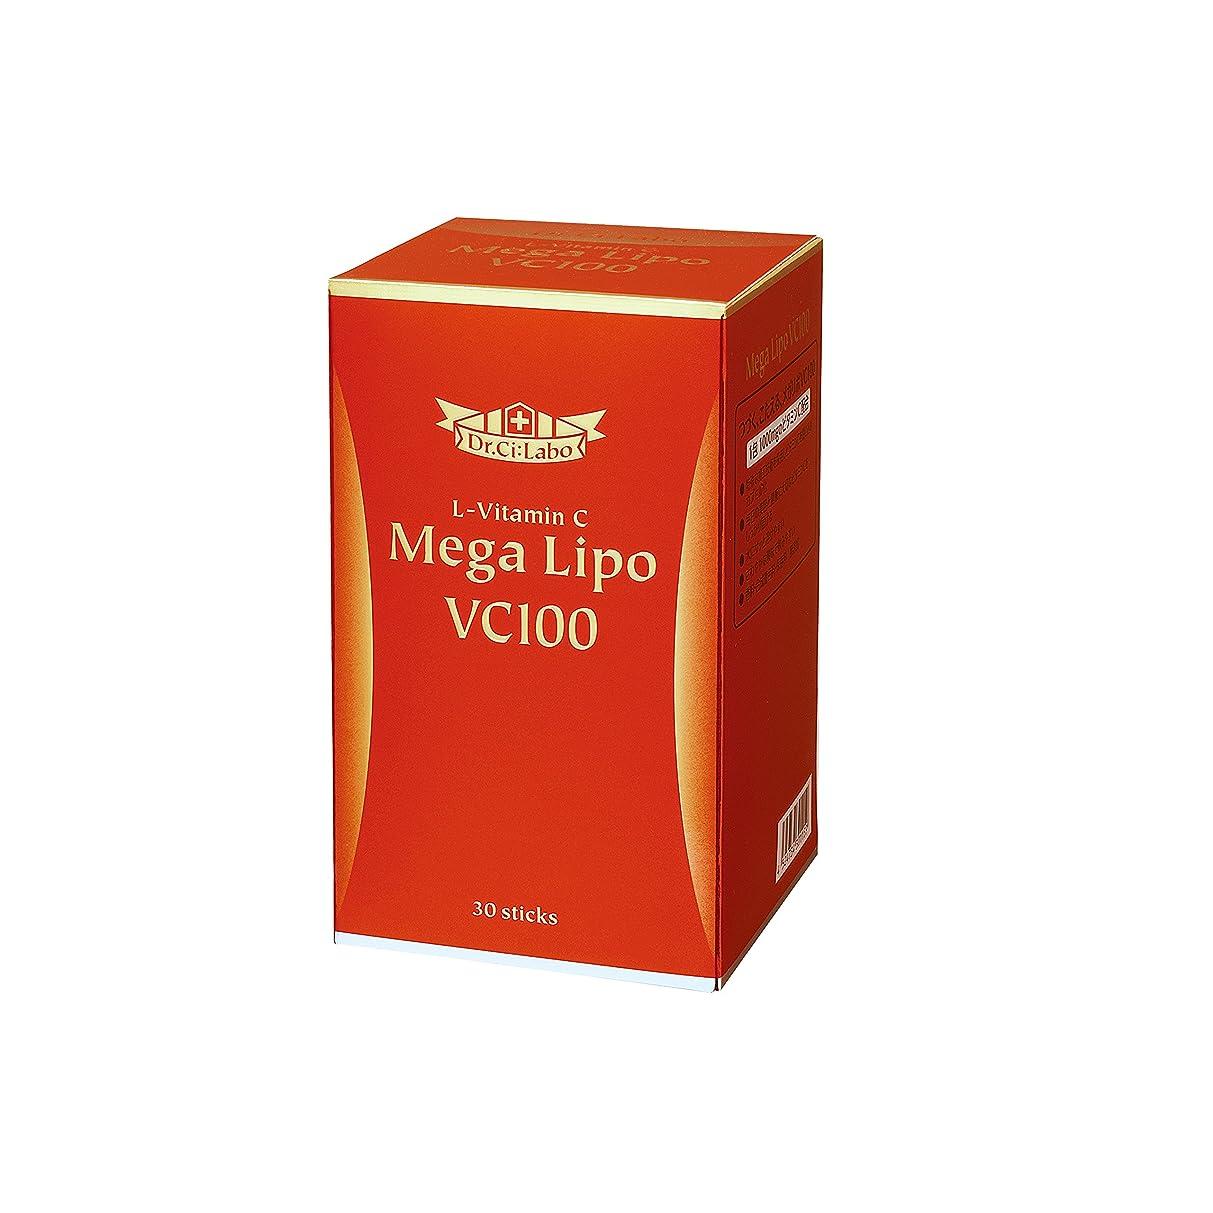 おもてなし会議逃げるドクターシーラボ メガリポVC100 2.8g×30包 美容サプリメント